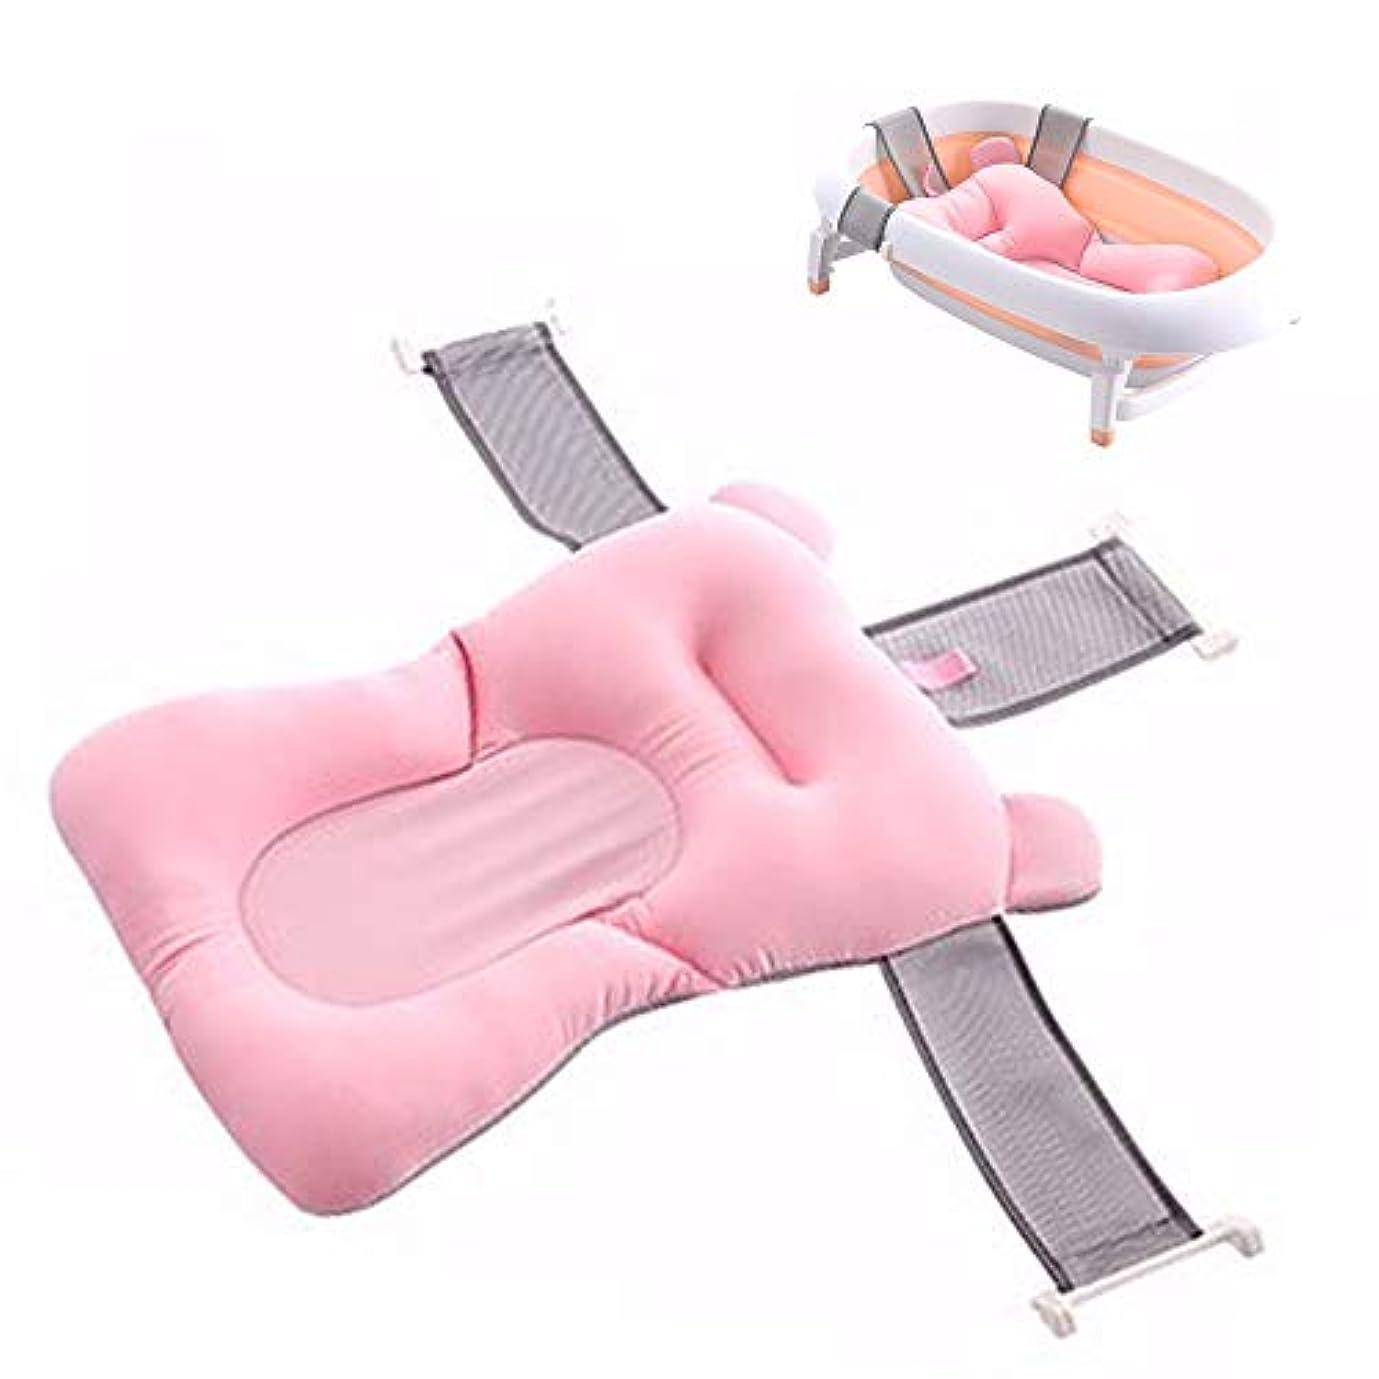 咽頭強化アウター赤ちゃん浴槽枕風呂クッション幼児ラウンジャーエアクッション柔らかい滑り止めバスシート用0-12ヶ月幼児,Pink